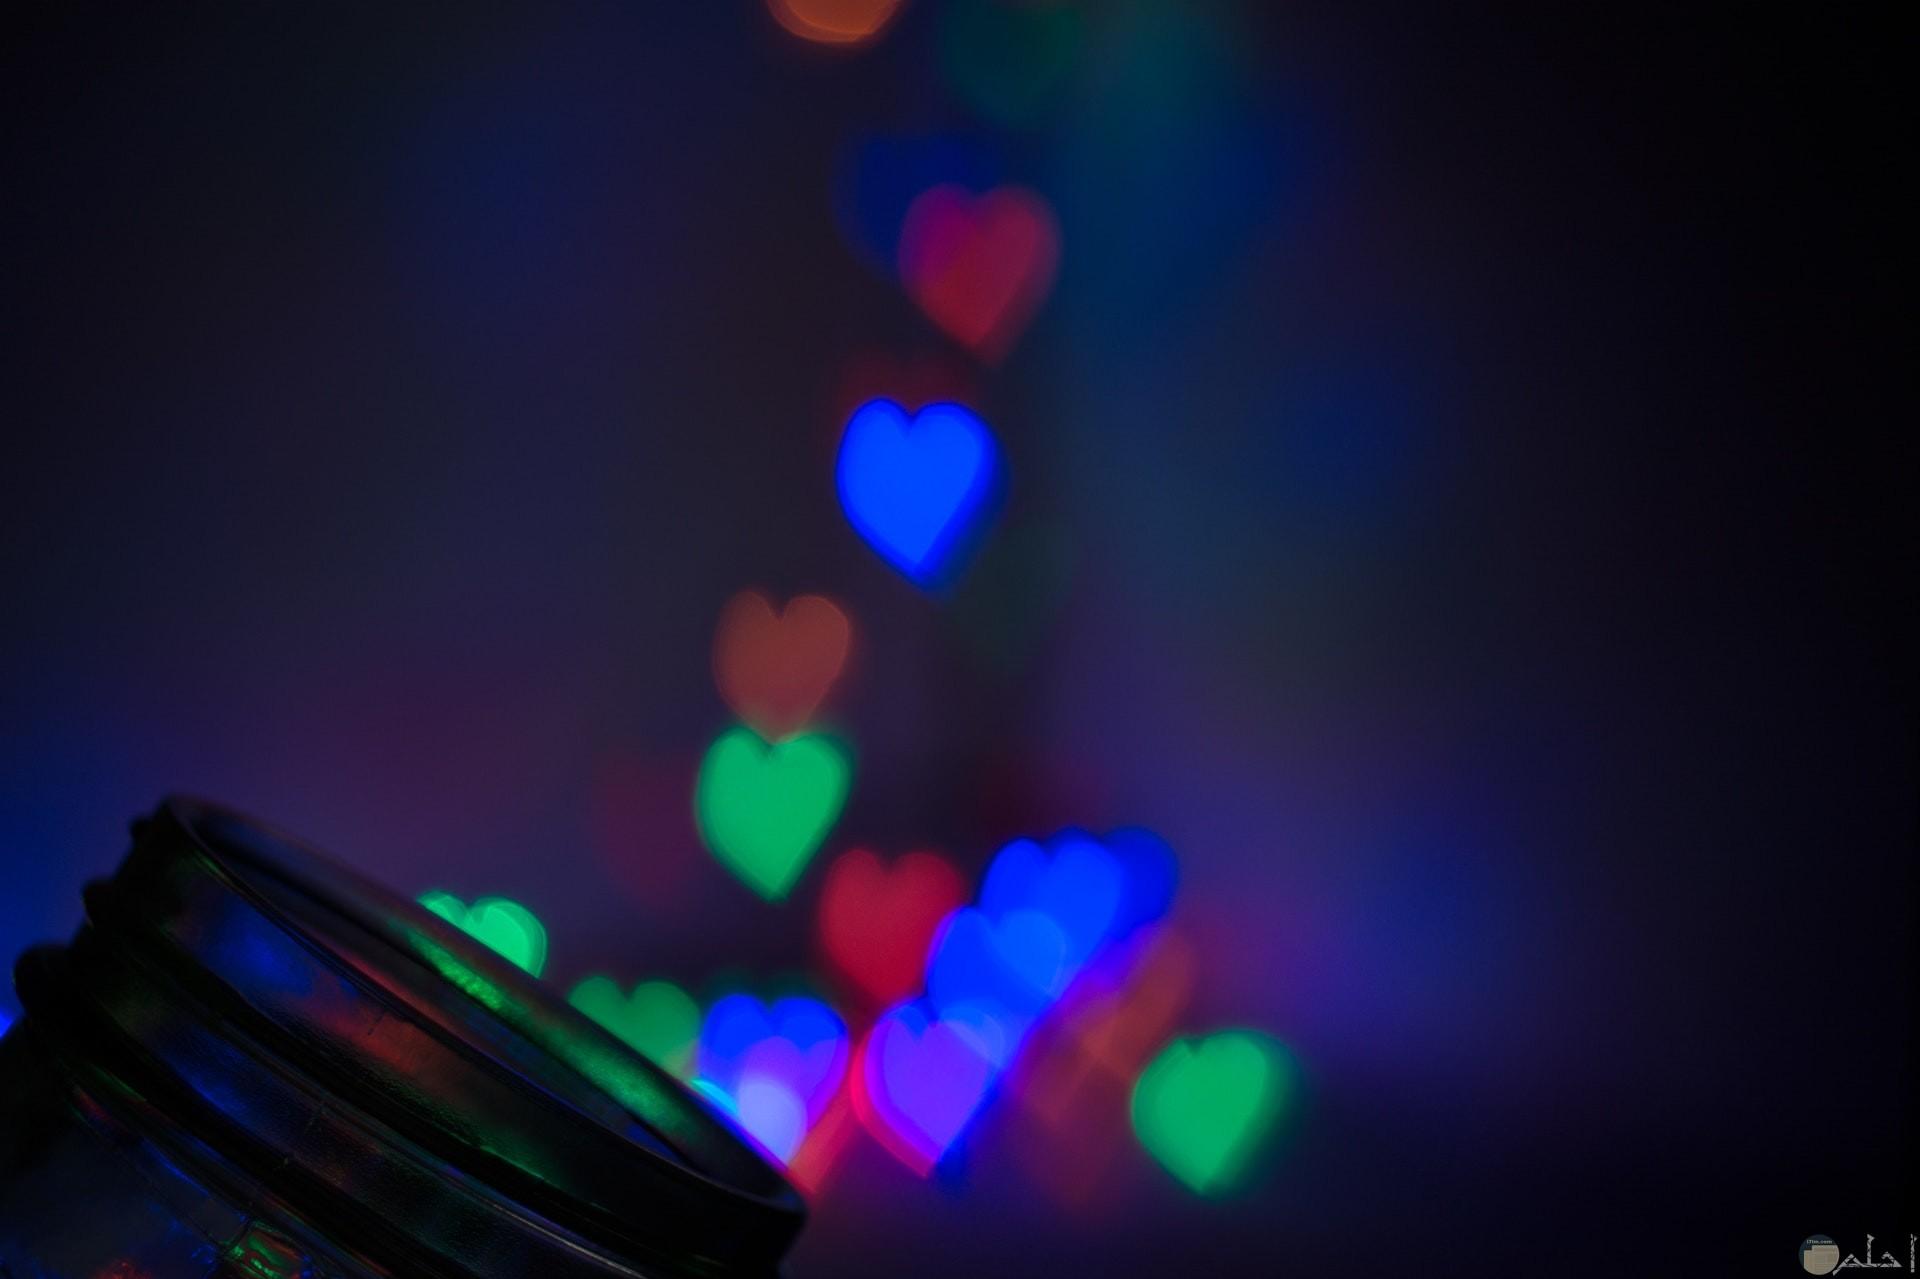 صورة مميزة لقلوب ملونه فمنها الأزرق والأخضر والأحمر